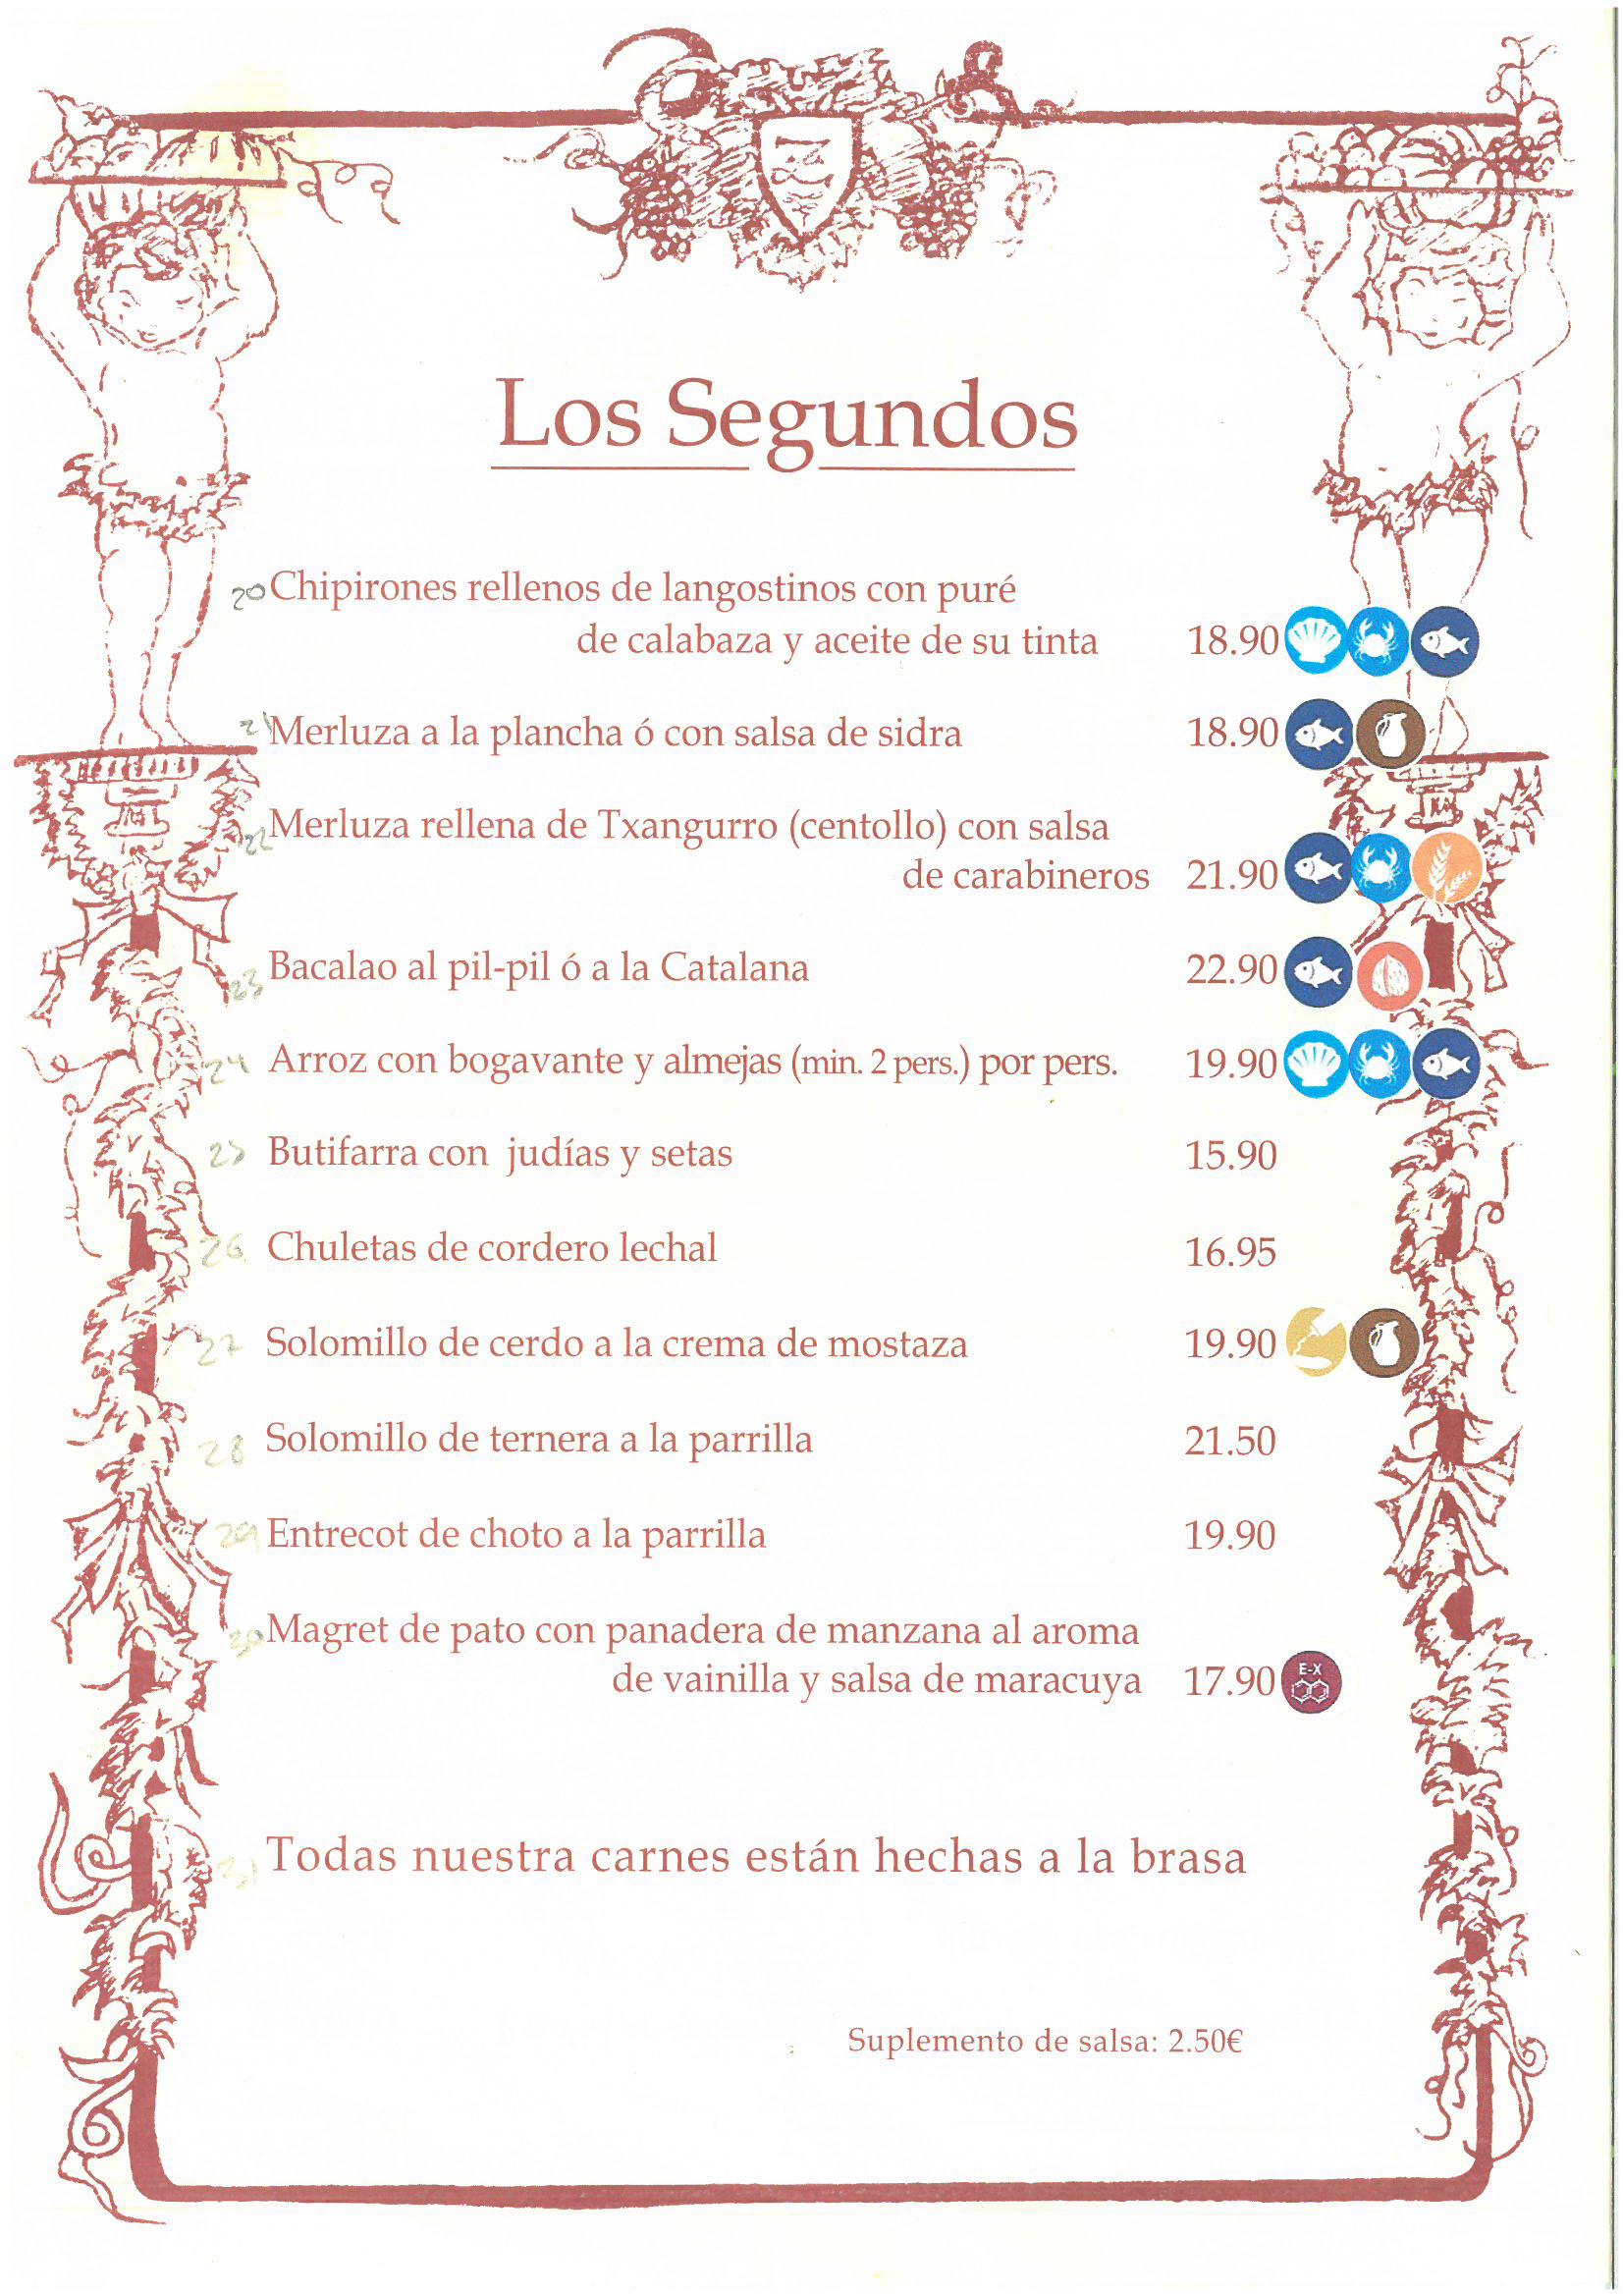 Carta de alérgenos los Segundos en restaurante El Zaguán